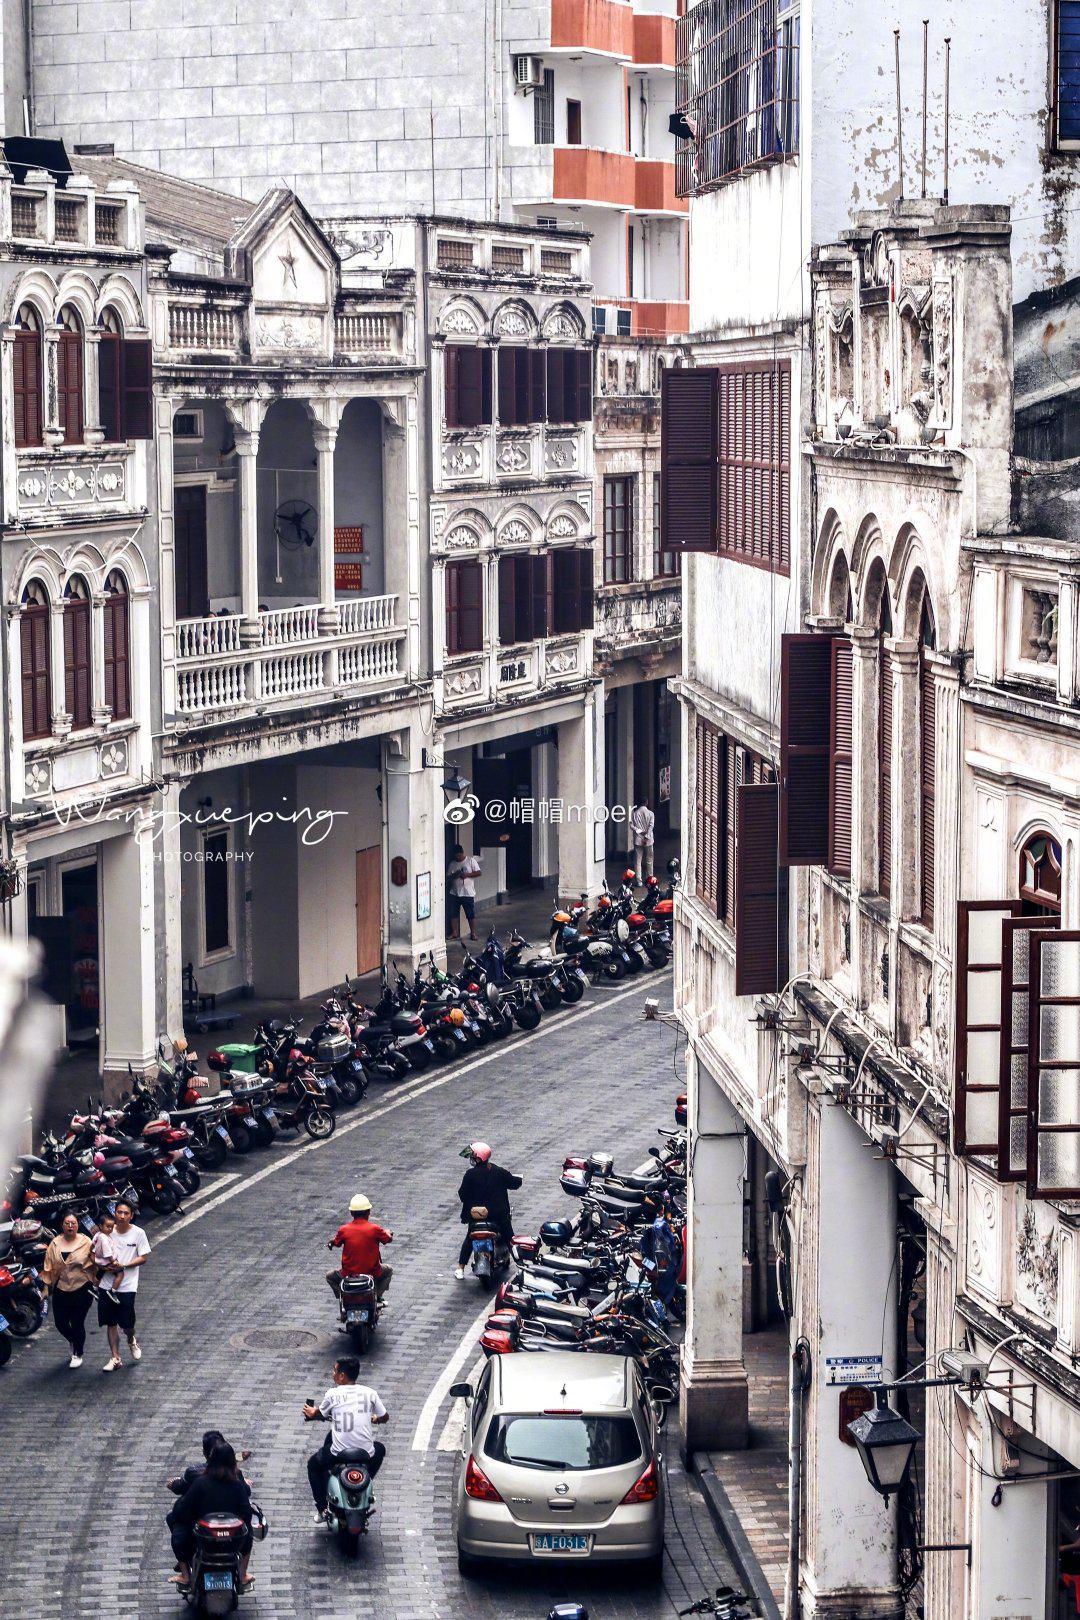 海口·骑楼老街 海口骑楼老街距今已有600多年历史……